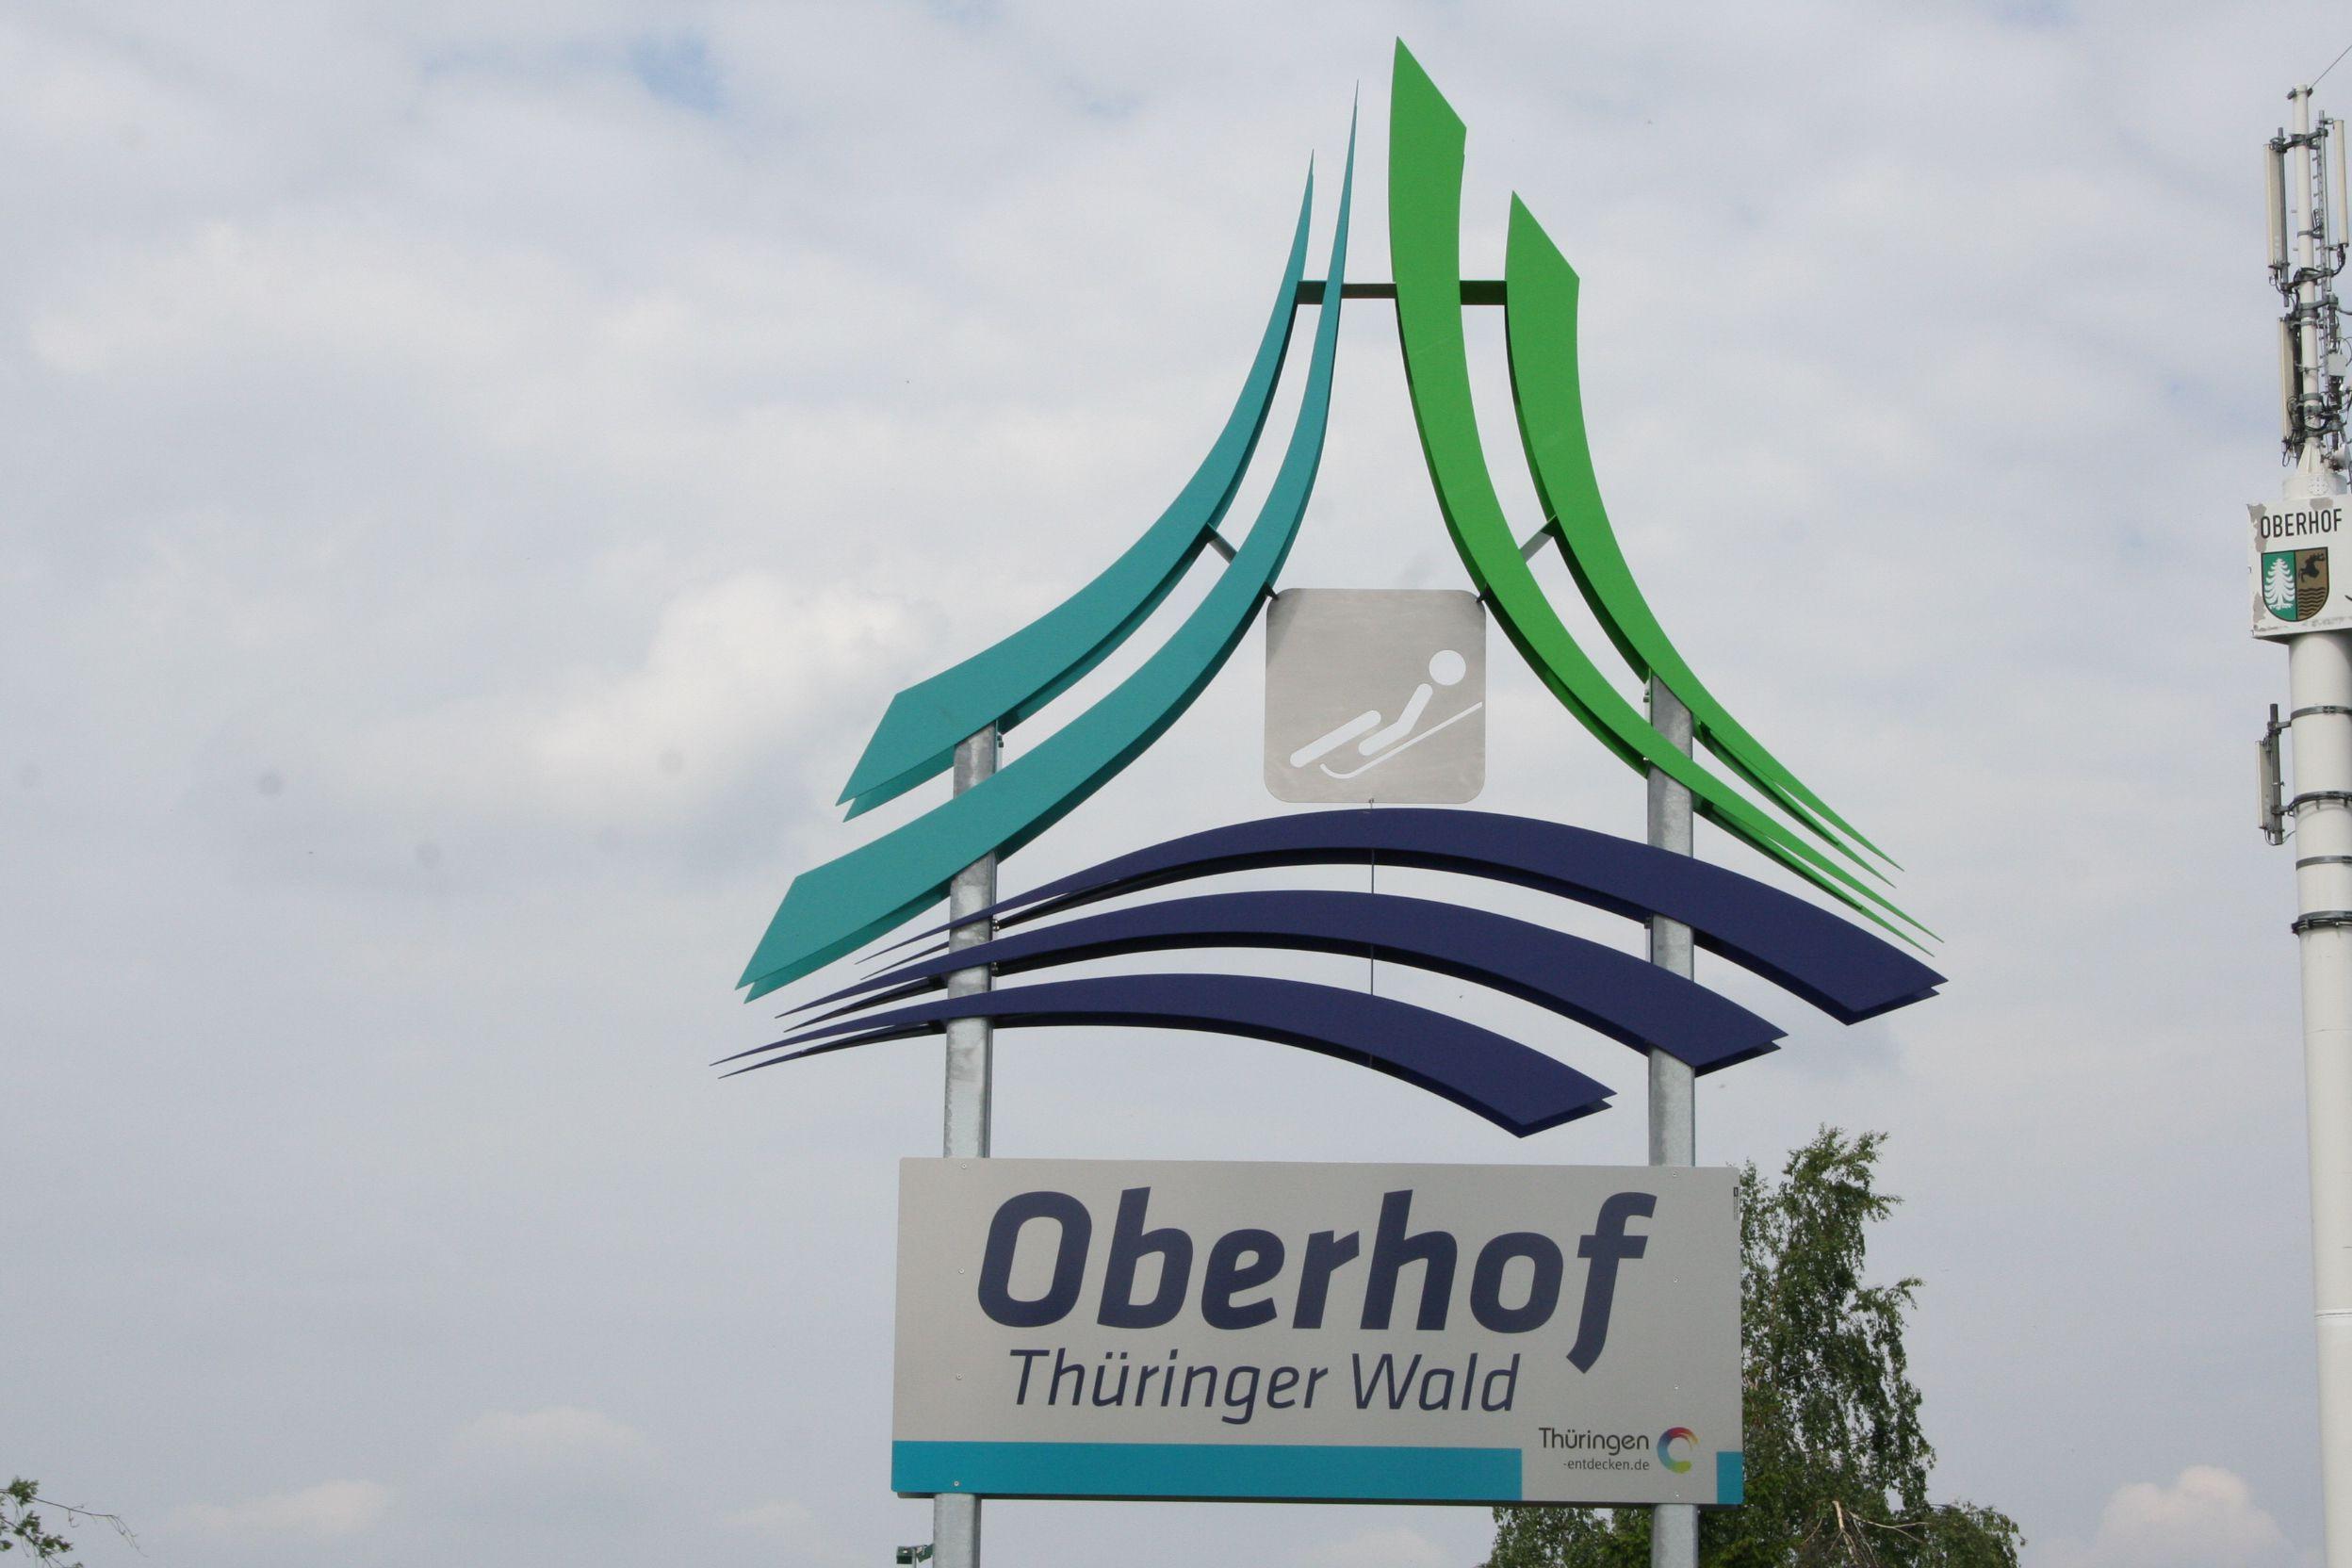 Das Ziel: Sportstätte Oberhof